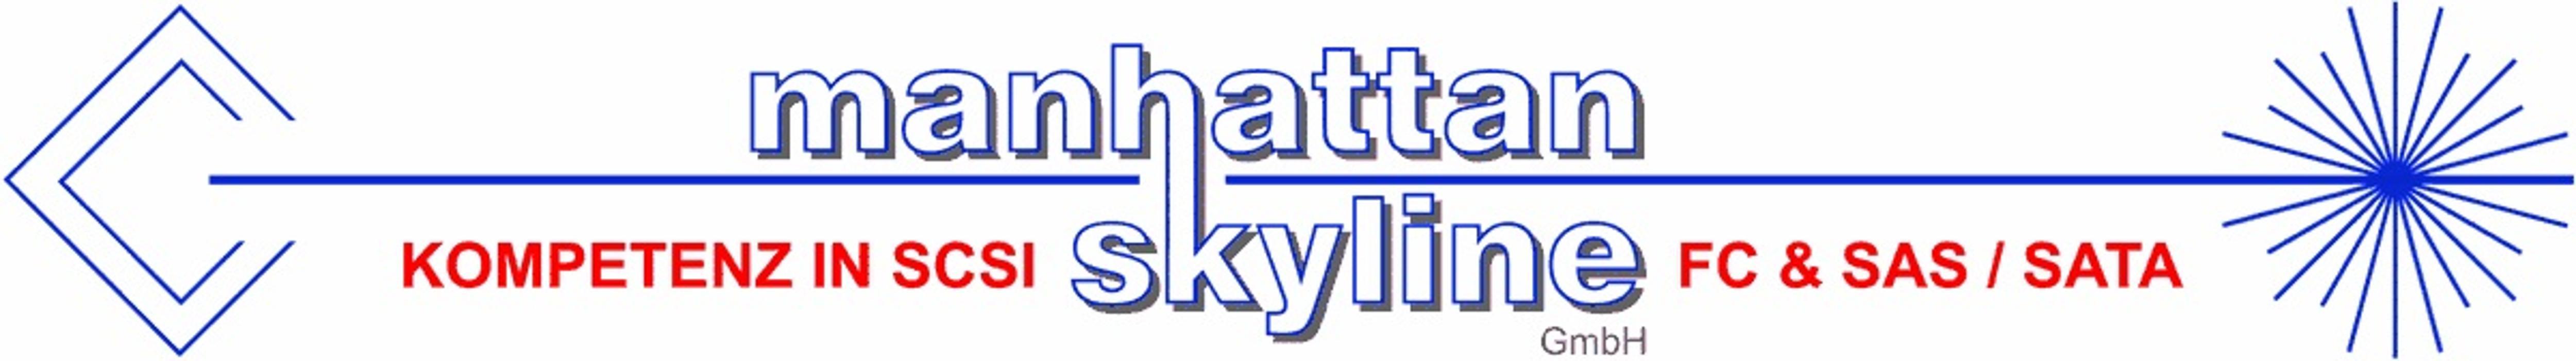 Bild zu Manhattan Skyline GmbH in Taunusstein